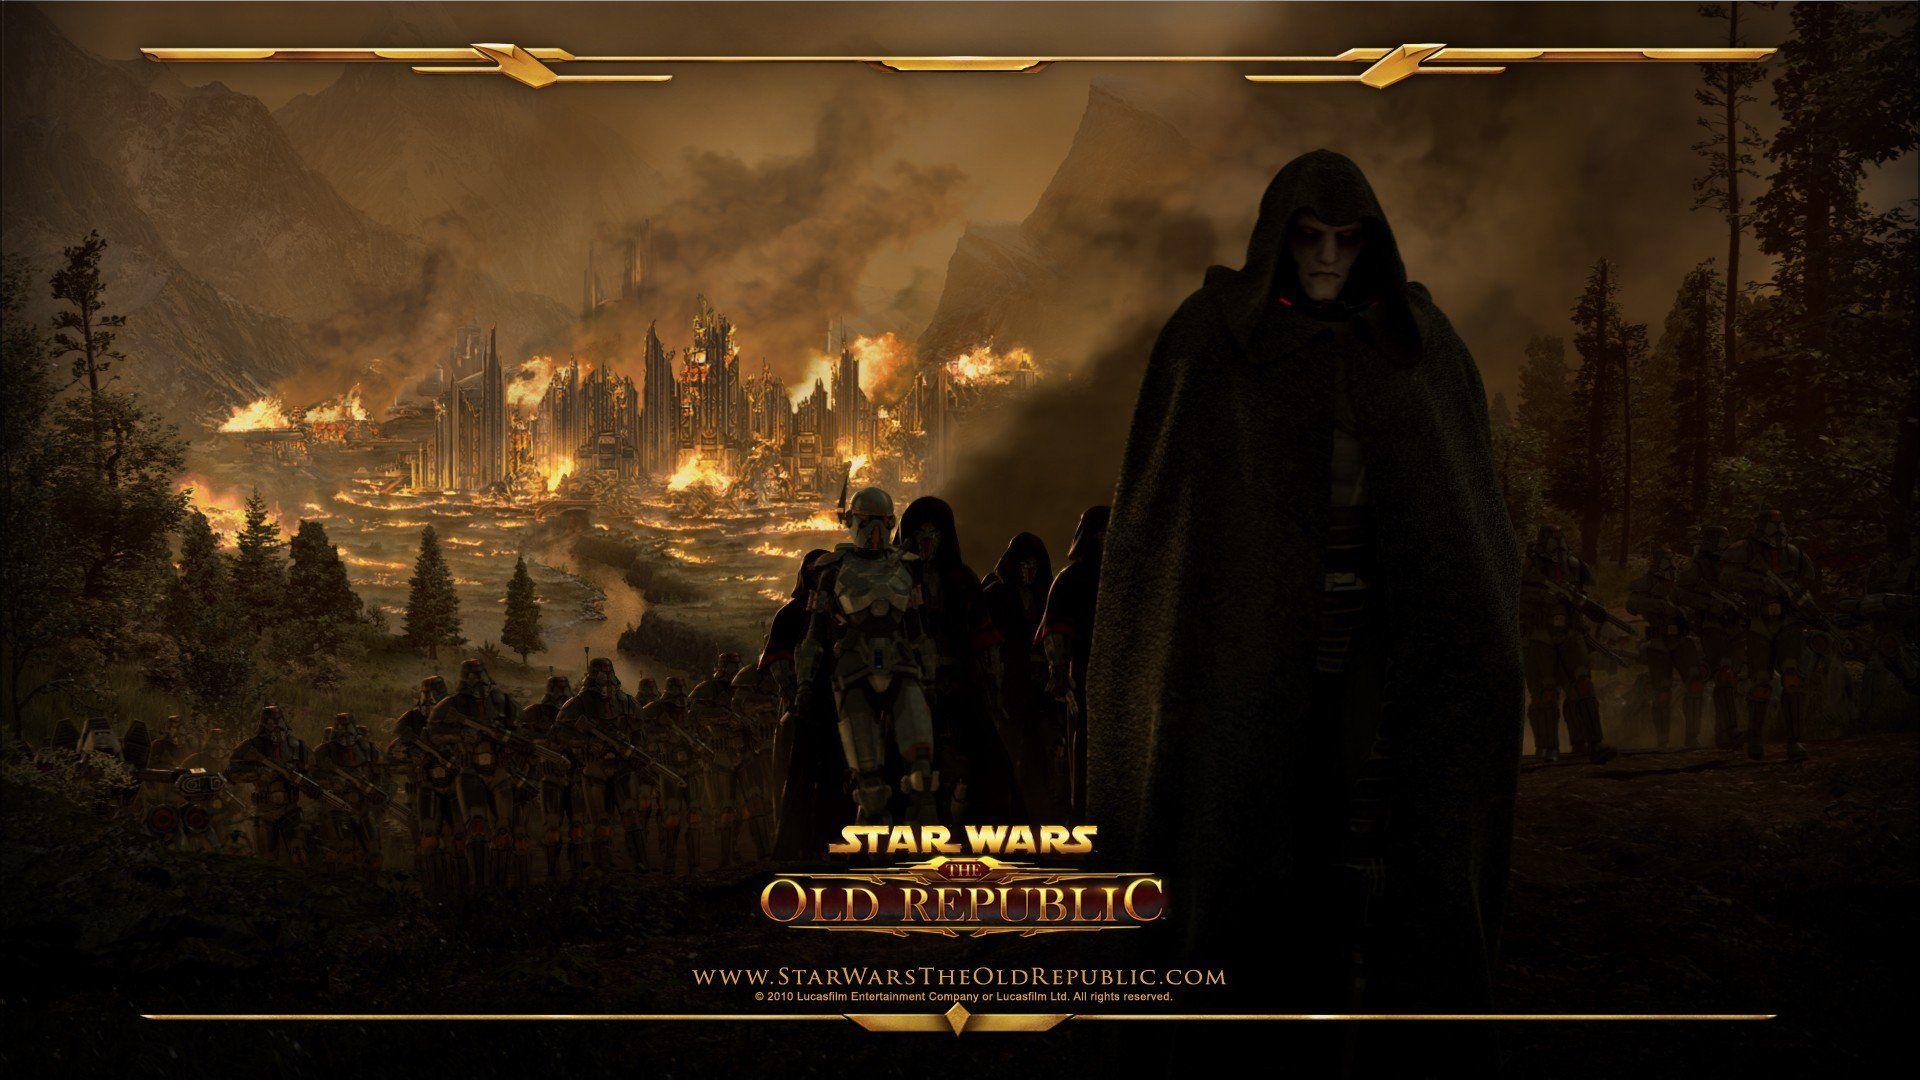 Star Wars Star Wars The Old Republic Walldevil Best Free Hd